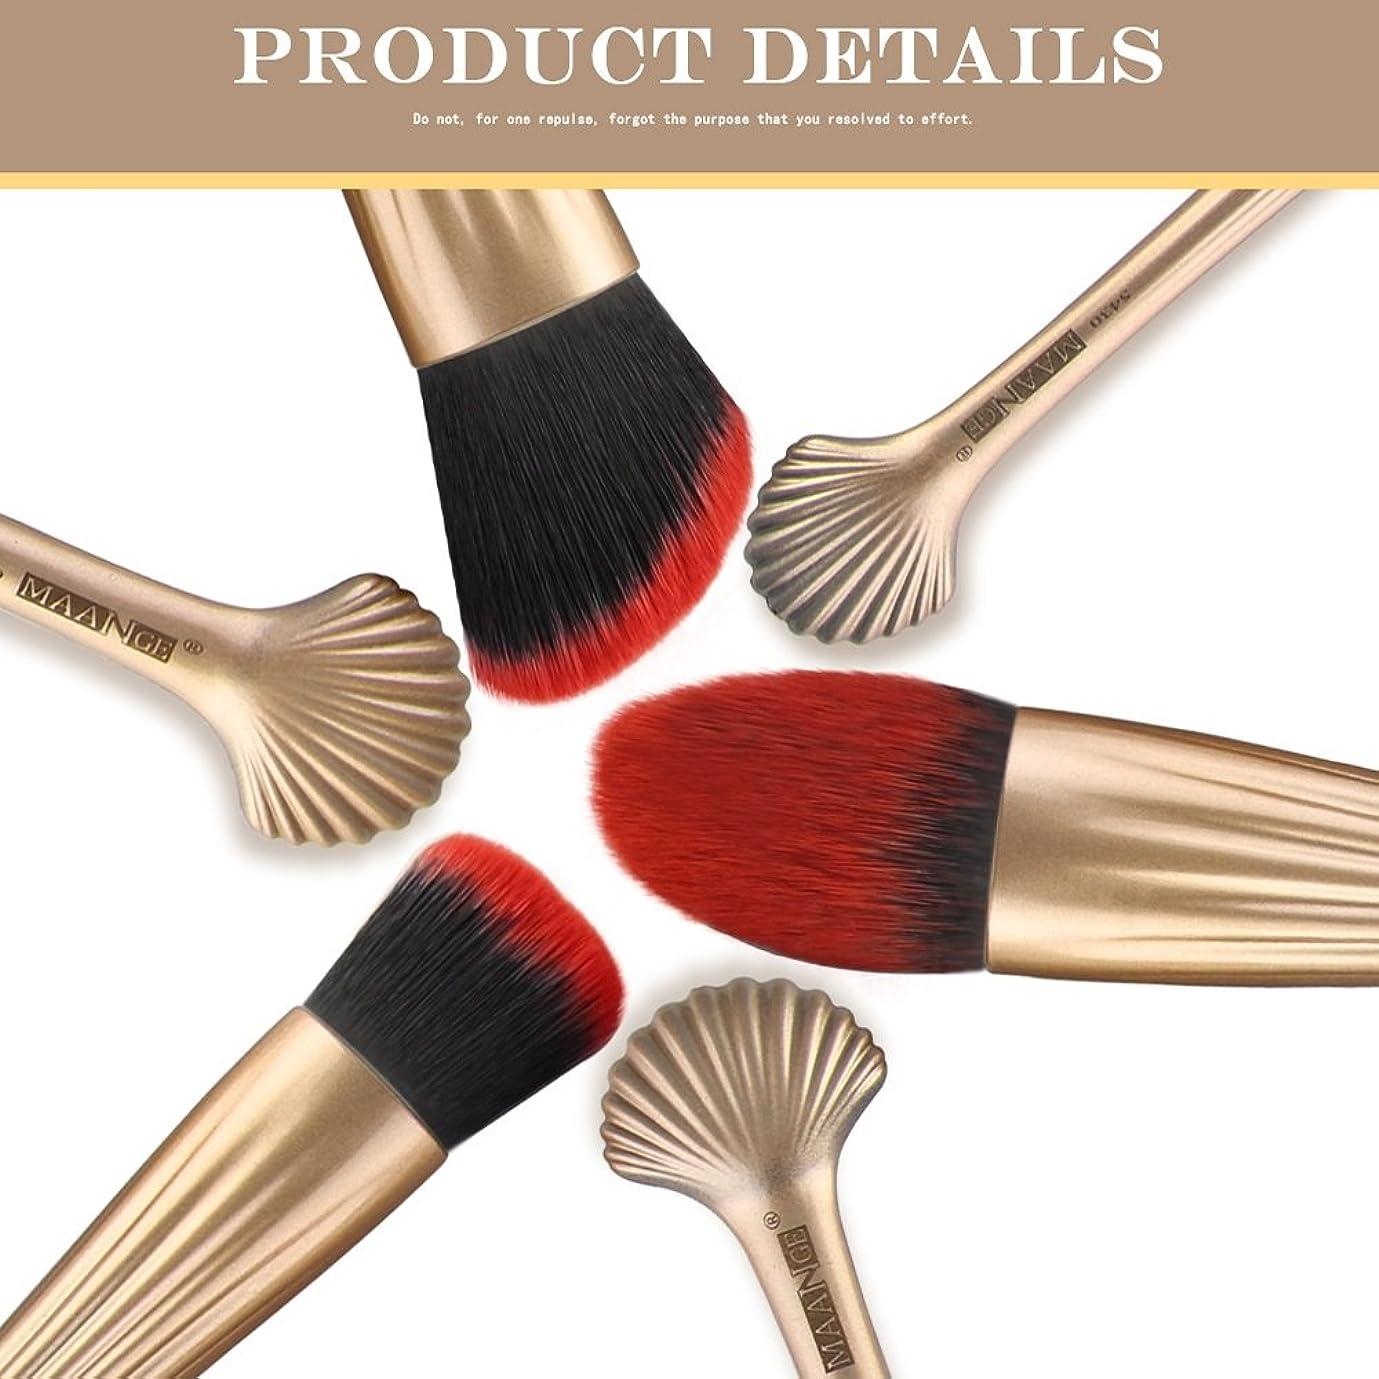 管理するメイエラ展示会Aikemi kasur 6本の化粧ブラシローカルゴールドブラシセット (色 : Tuhao gold handle black red hair)